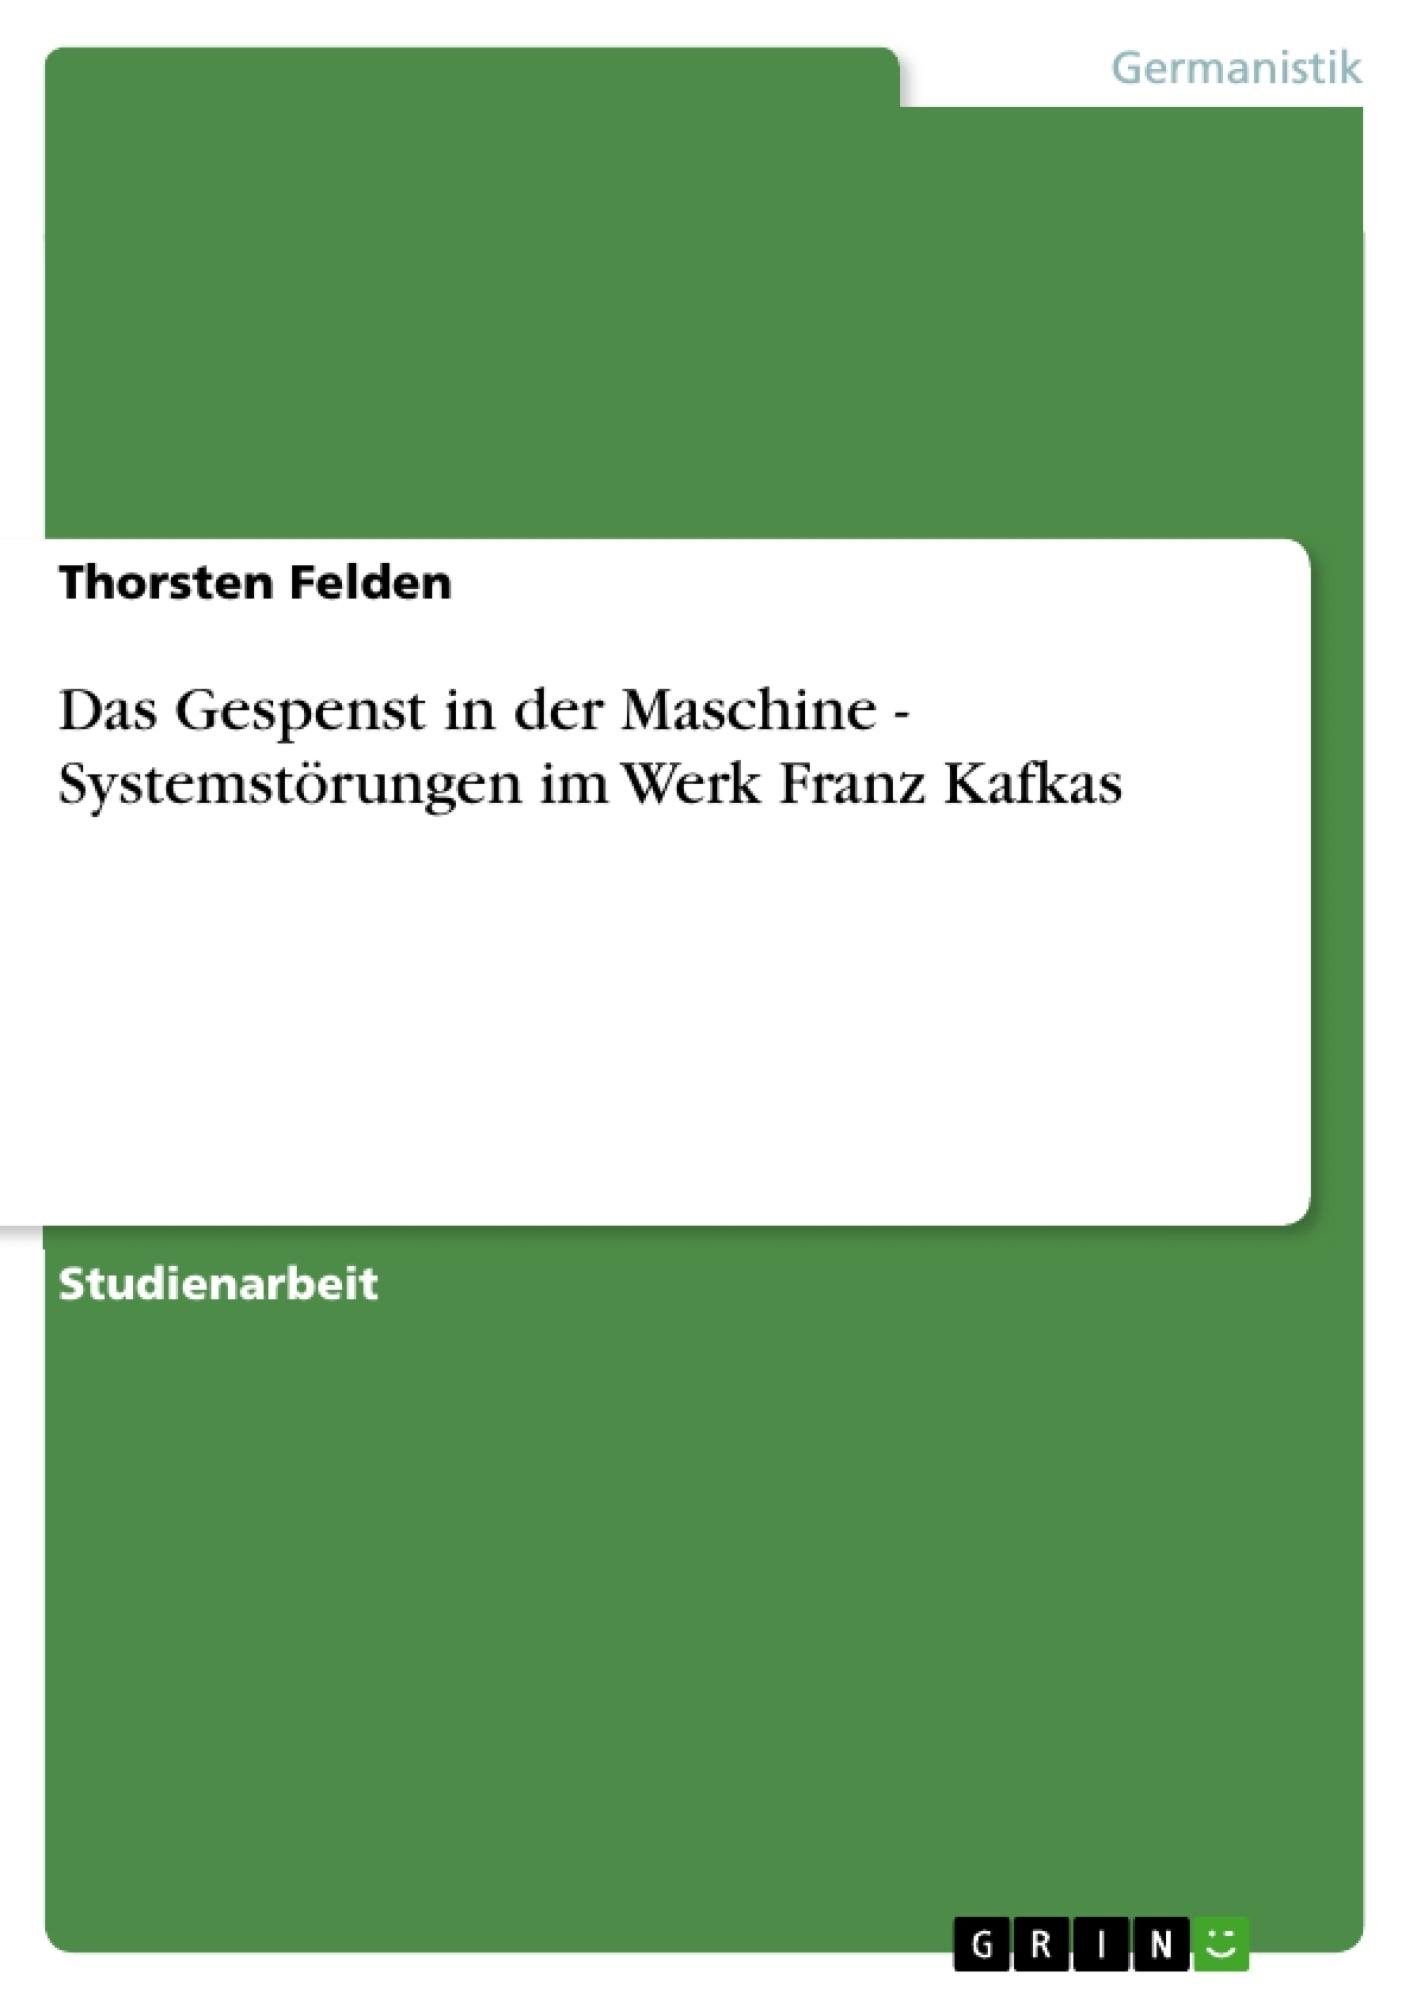 Titel: Das Gespenst in der Maschine - Systemstörungen im Werk Franz Kafkas